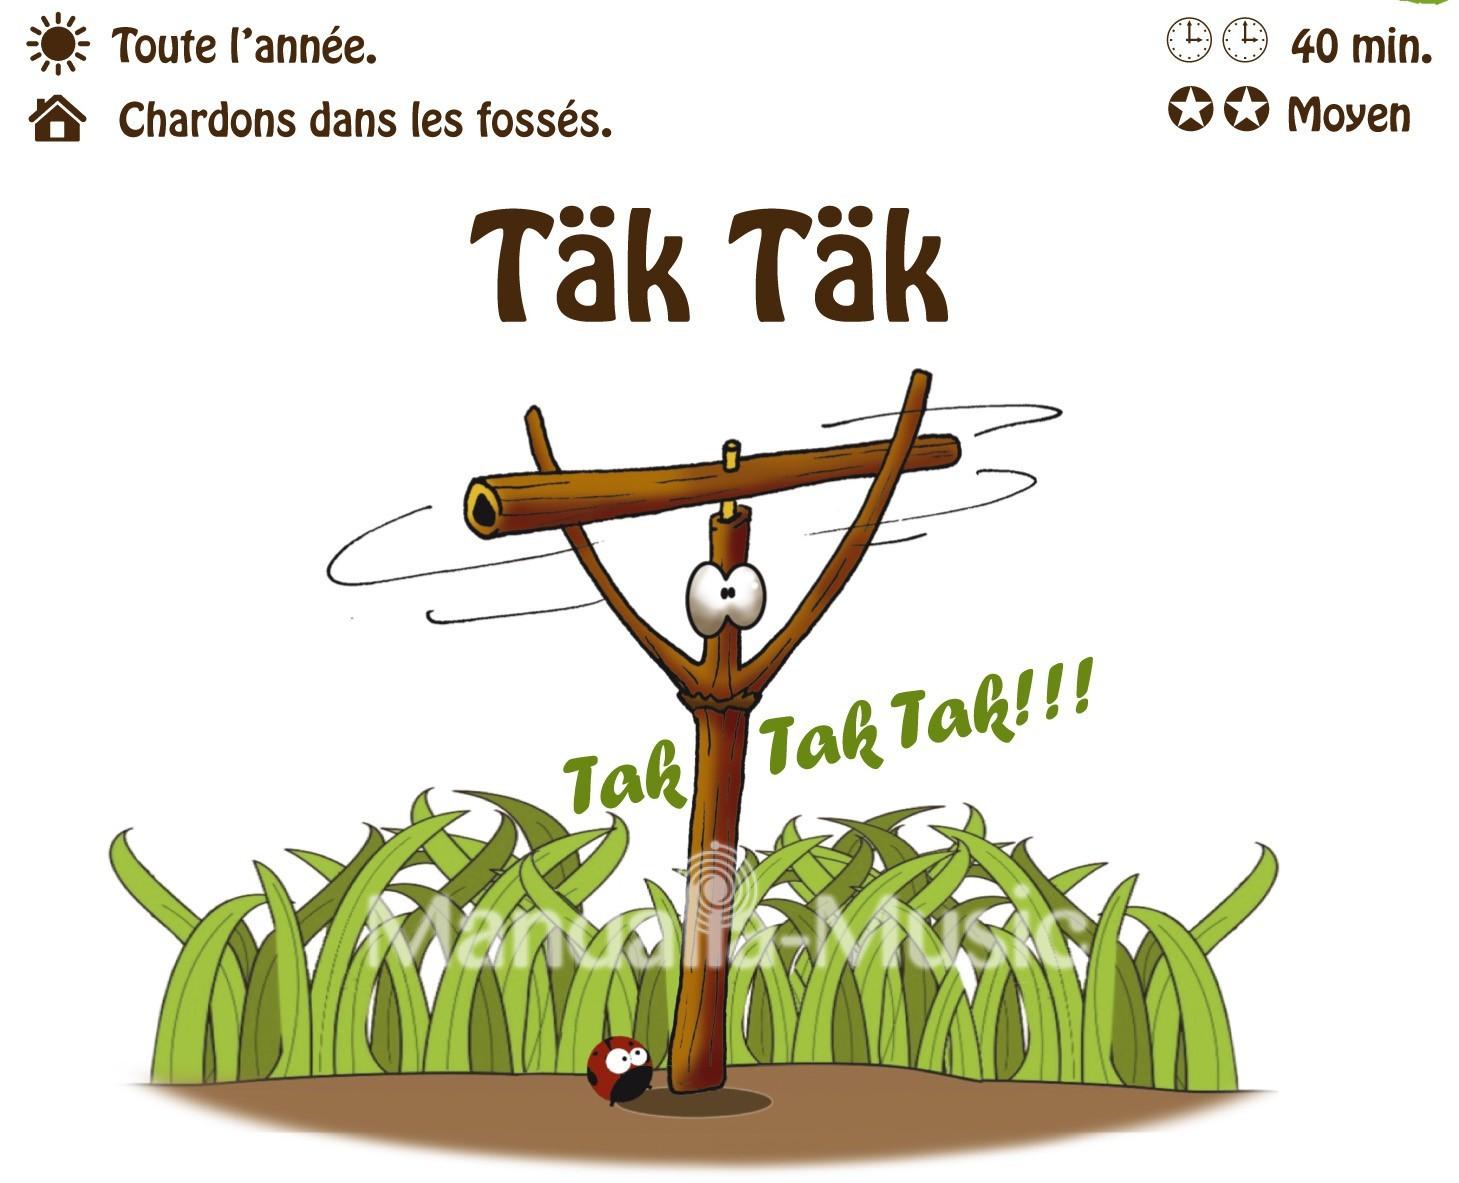 TAK TAK : Le chardon claquant (Flutin des bois)